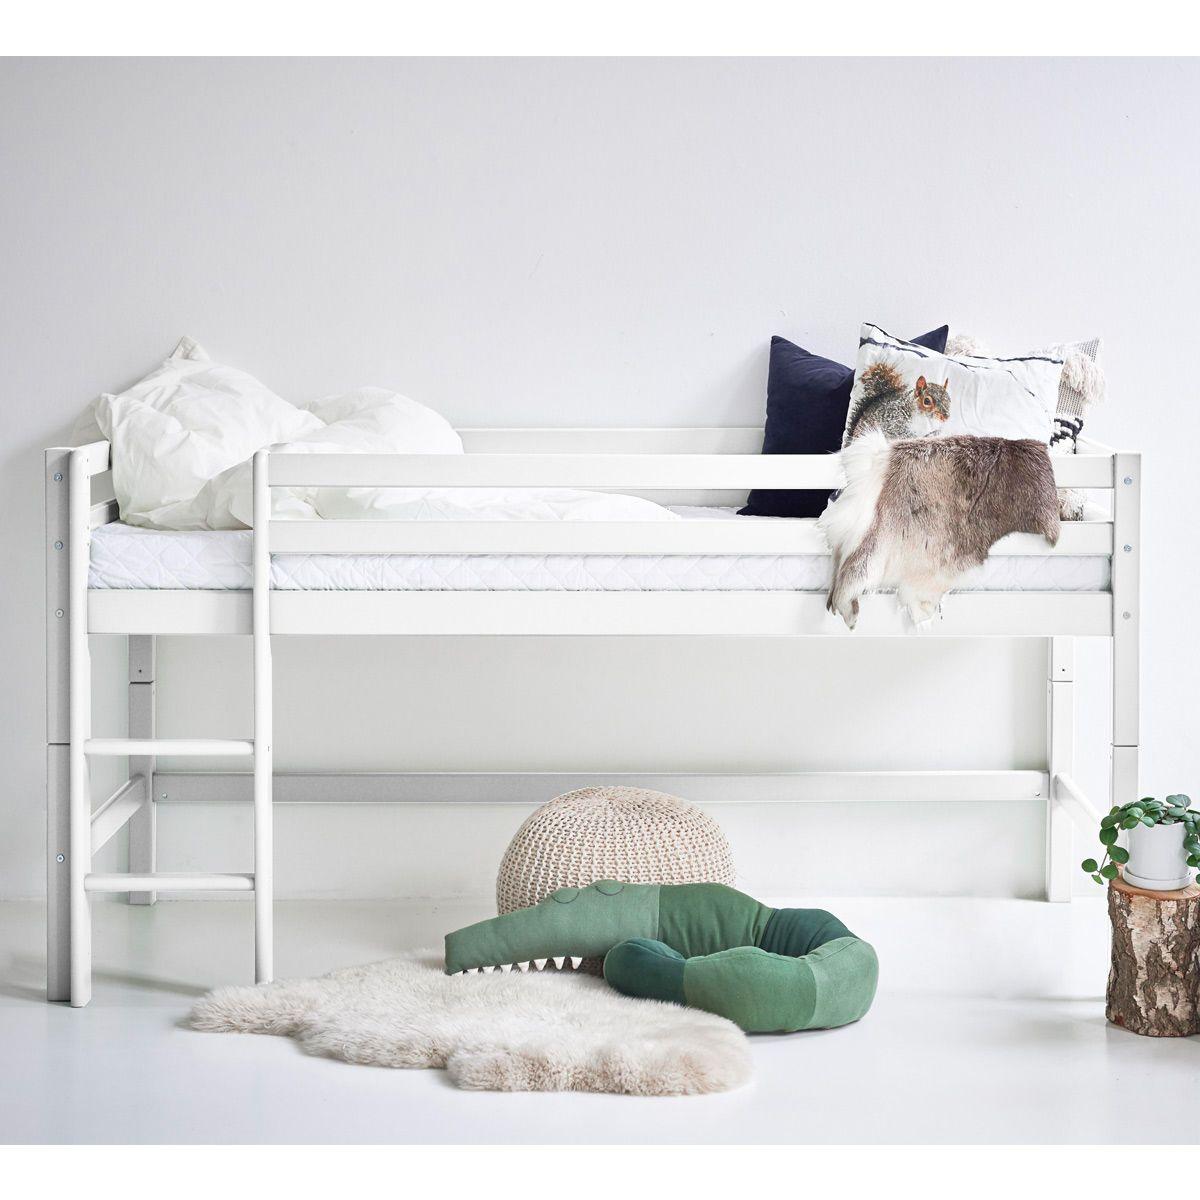 Full Size of Halbhohes Bett Ikea Flexa Mit Schreibtisch Und Kleiderschrank Günstiges 140 X 200 90x200 Weiß Im Schrank Kleinkind Betten 200x220 Wickelbrett Für Himmel Wohnzimmer Halbhohes Bett Ikea